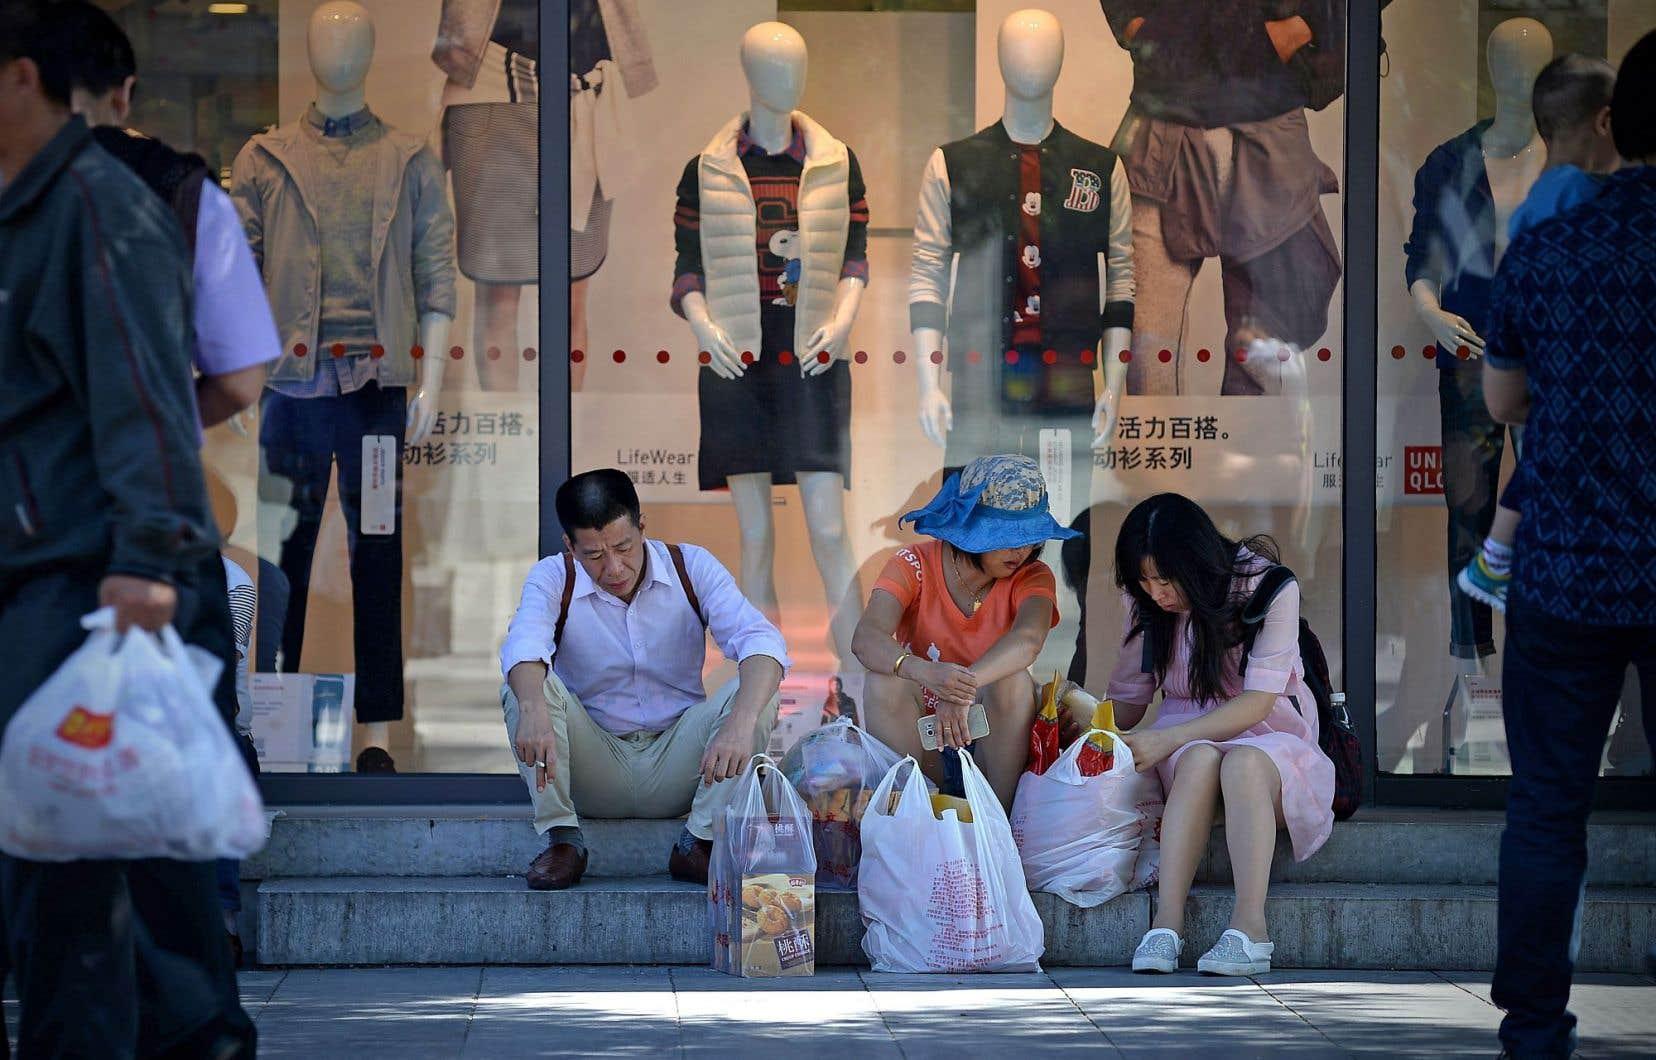 À Pékin, des consommateurs font une pause à l'entrée d'un commerce.